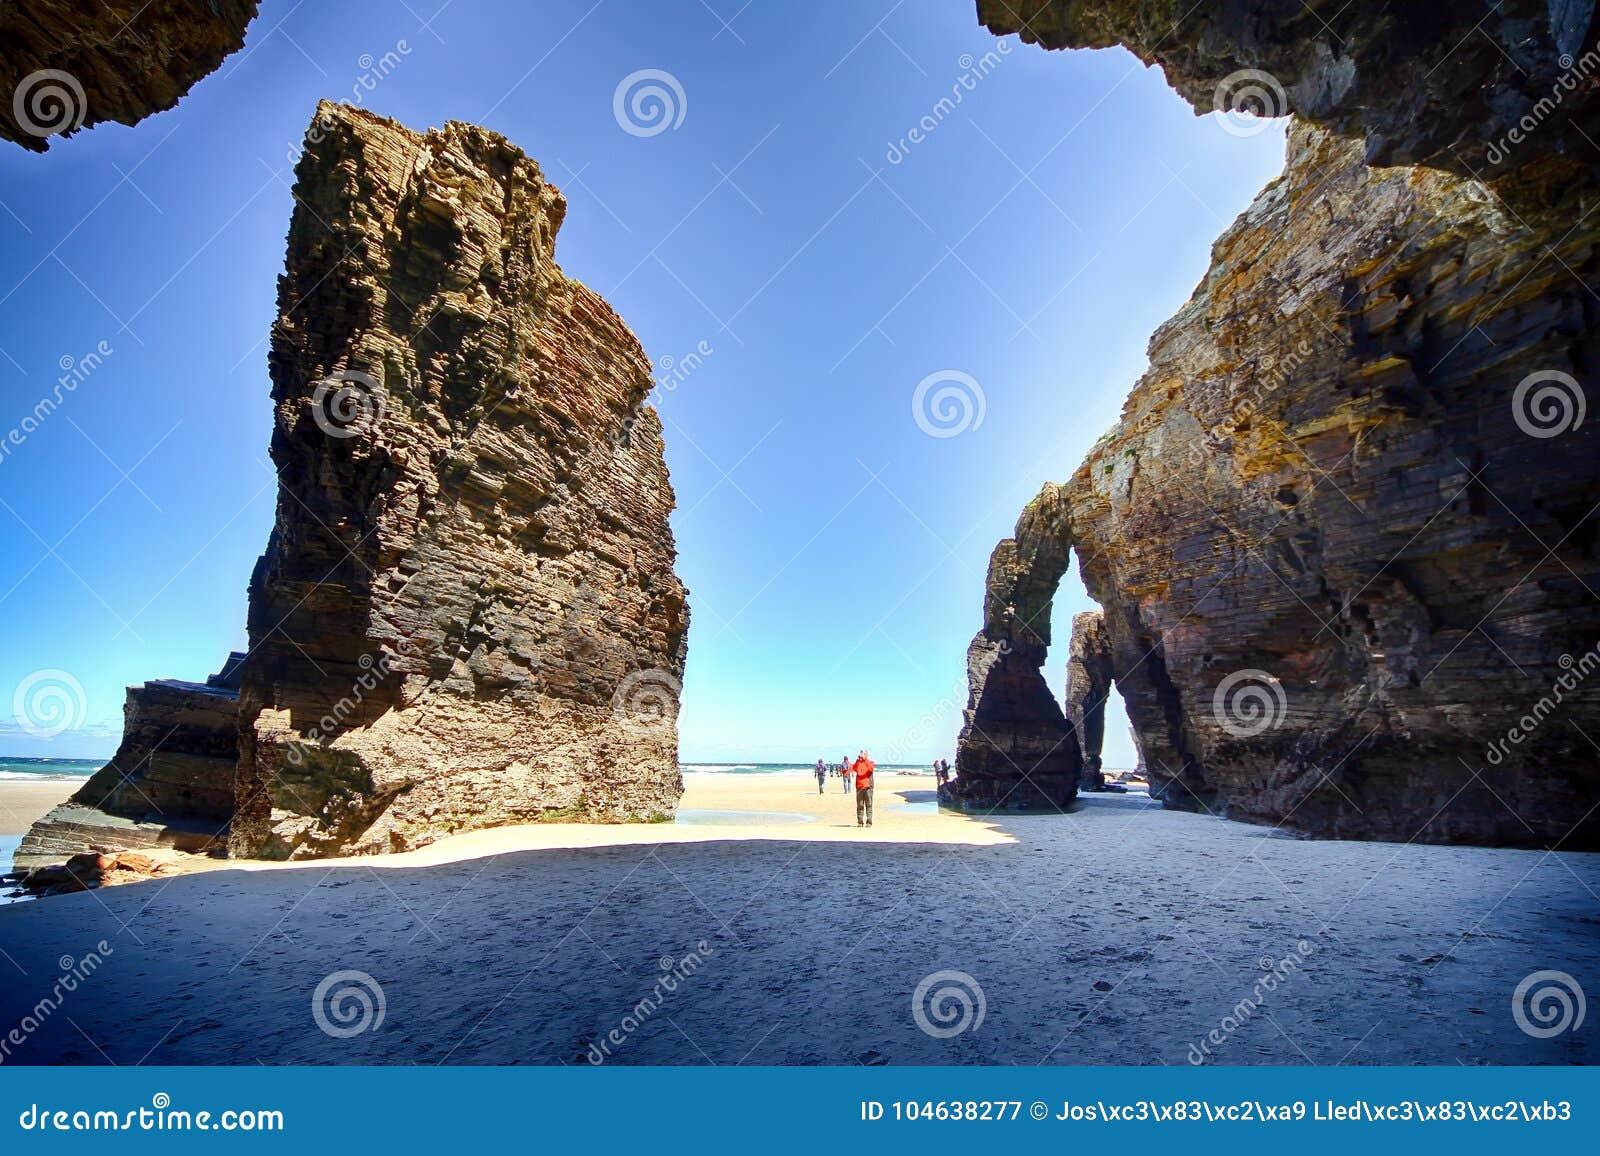 Download Het Kathedralenstrand Met De Rotsen Erosioned Door De Actie Van Het Overzees Stock Afbeelding - Afbeelding bestaande uit steen, boog: 104638277